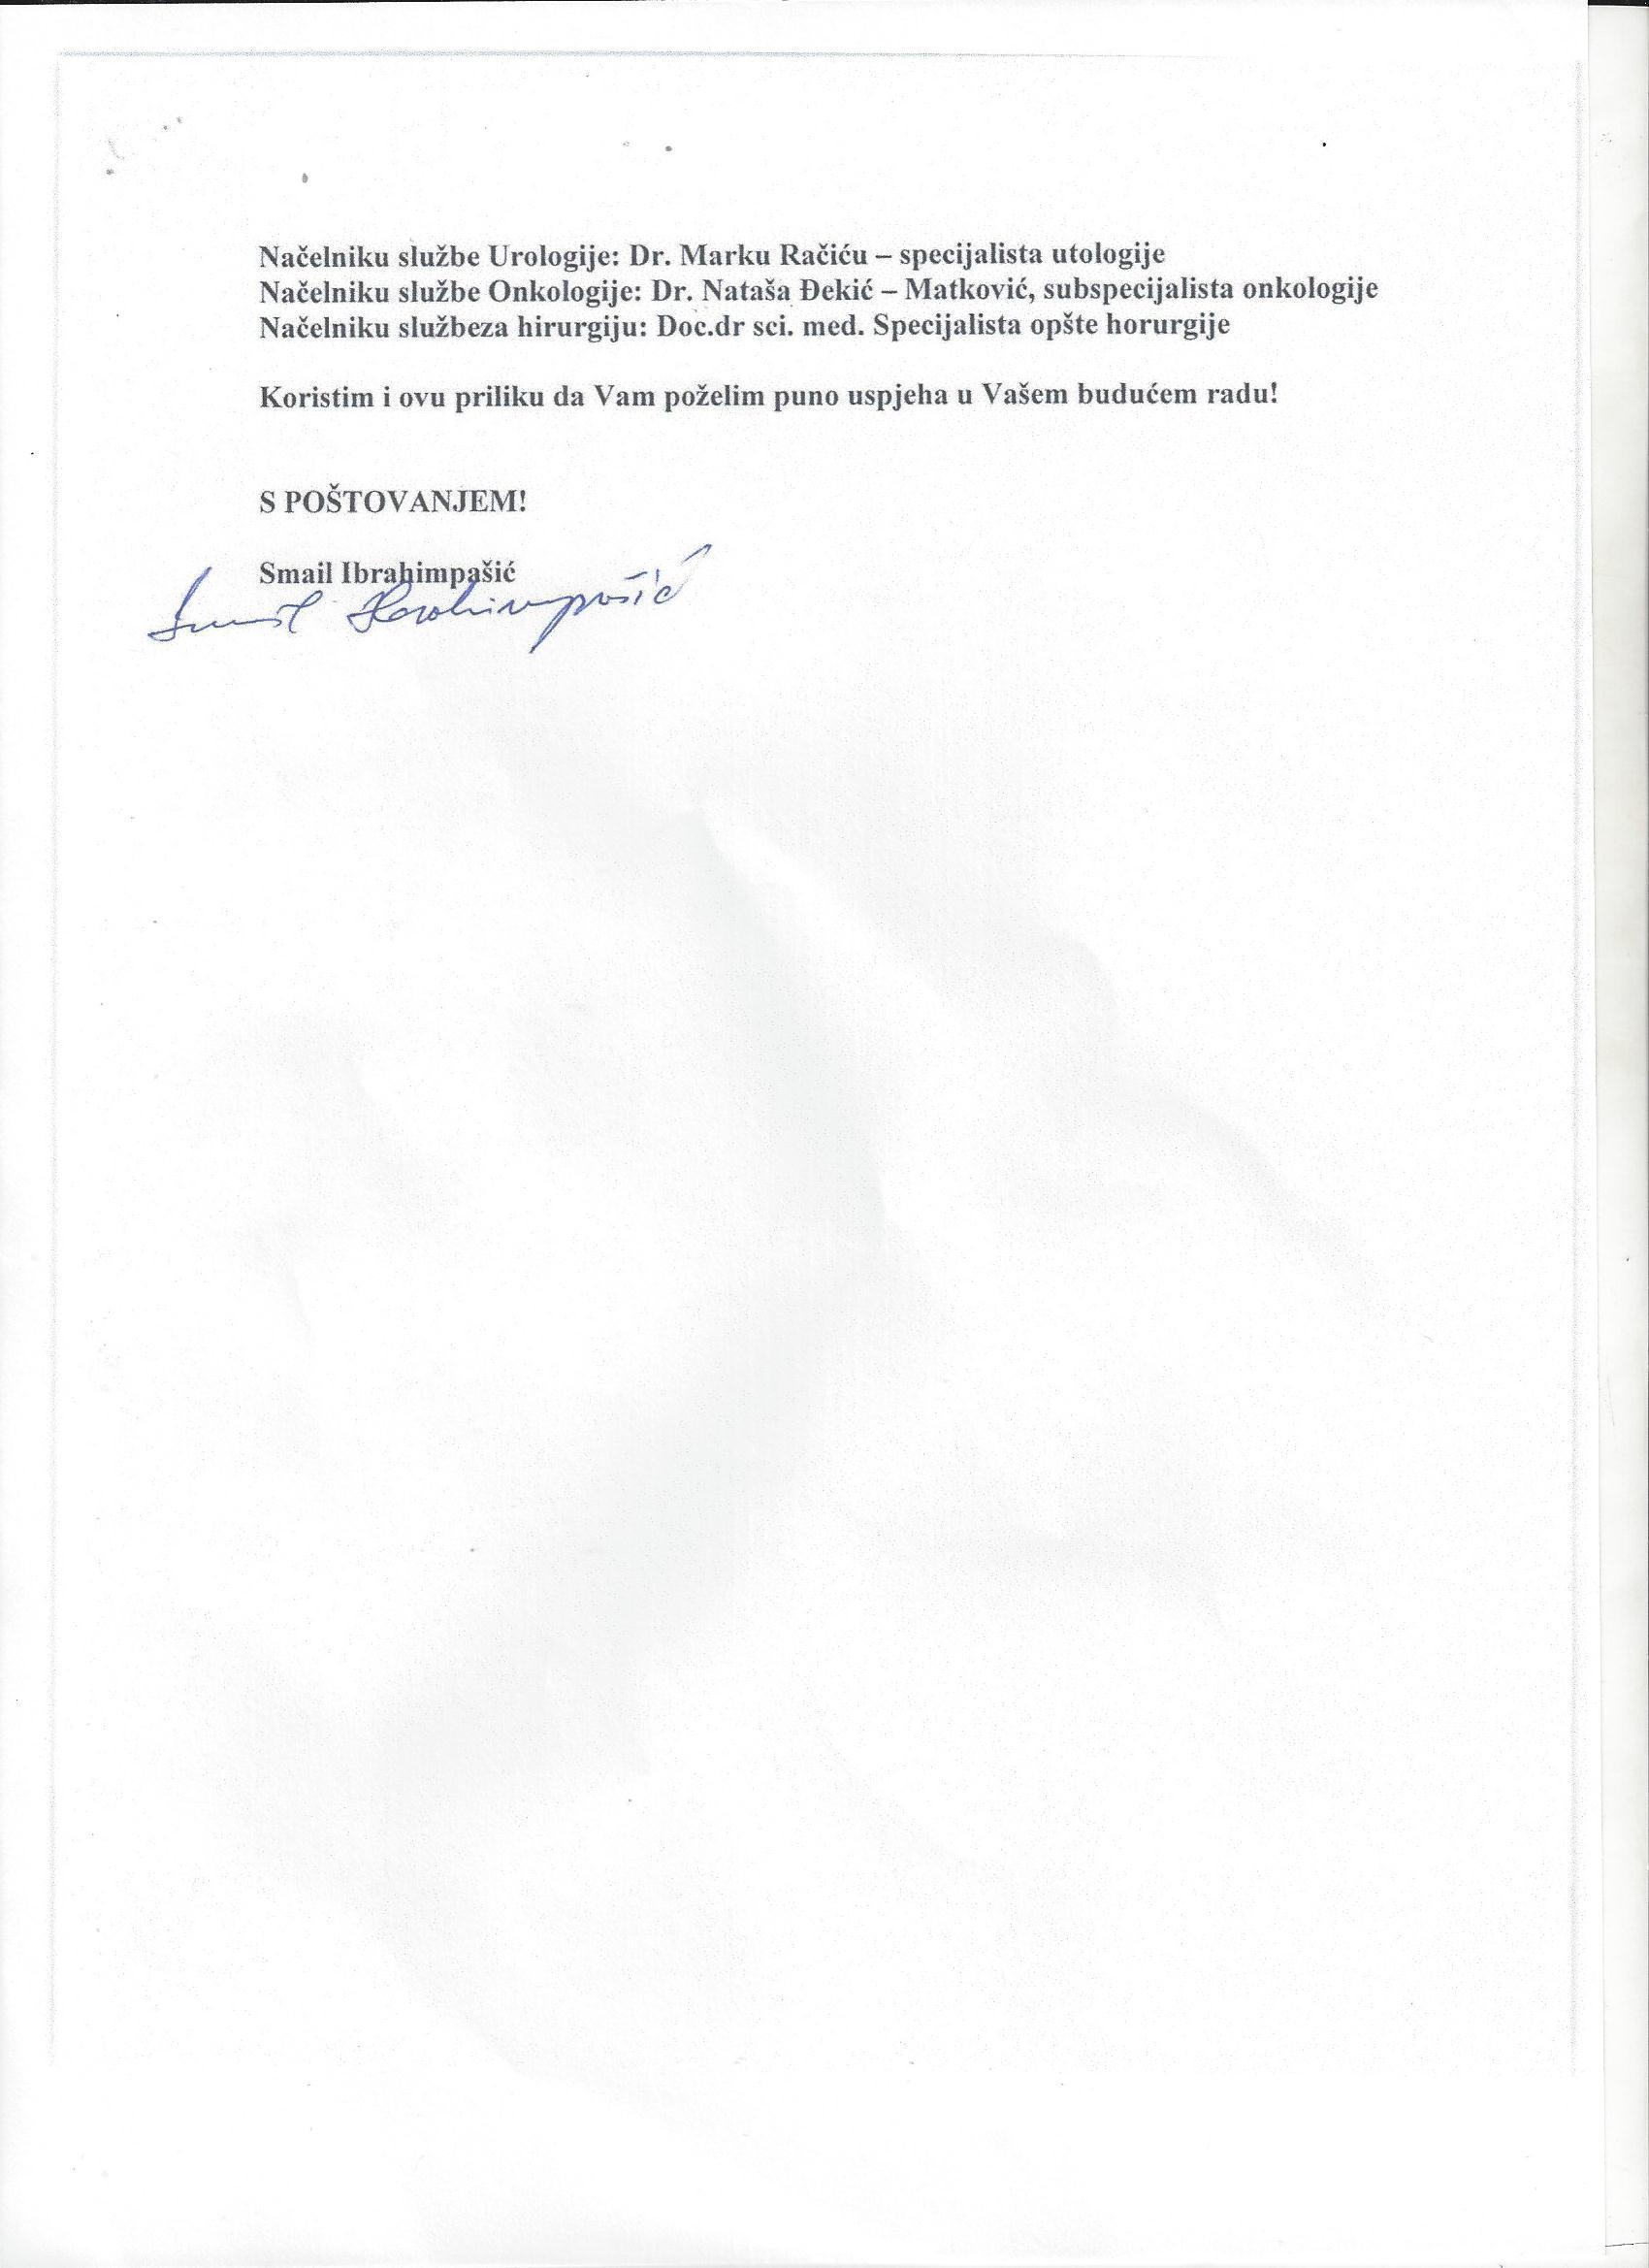 Pismo zahvalnosti direktoru Mladenu Gajicu II